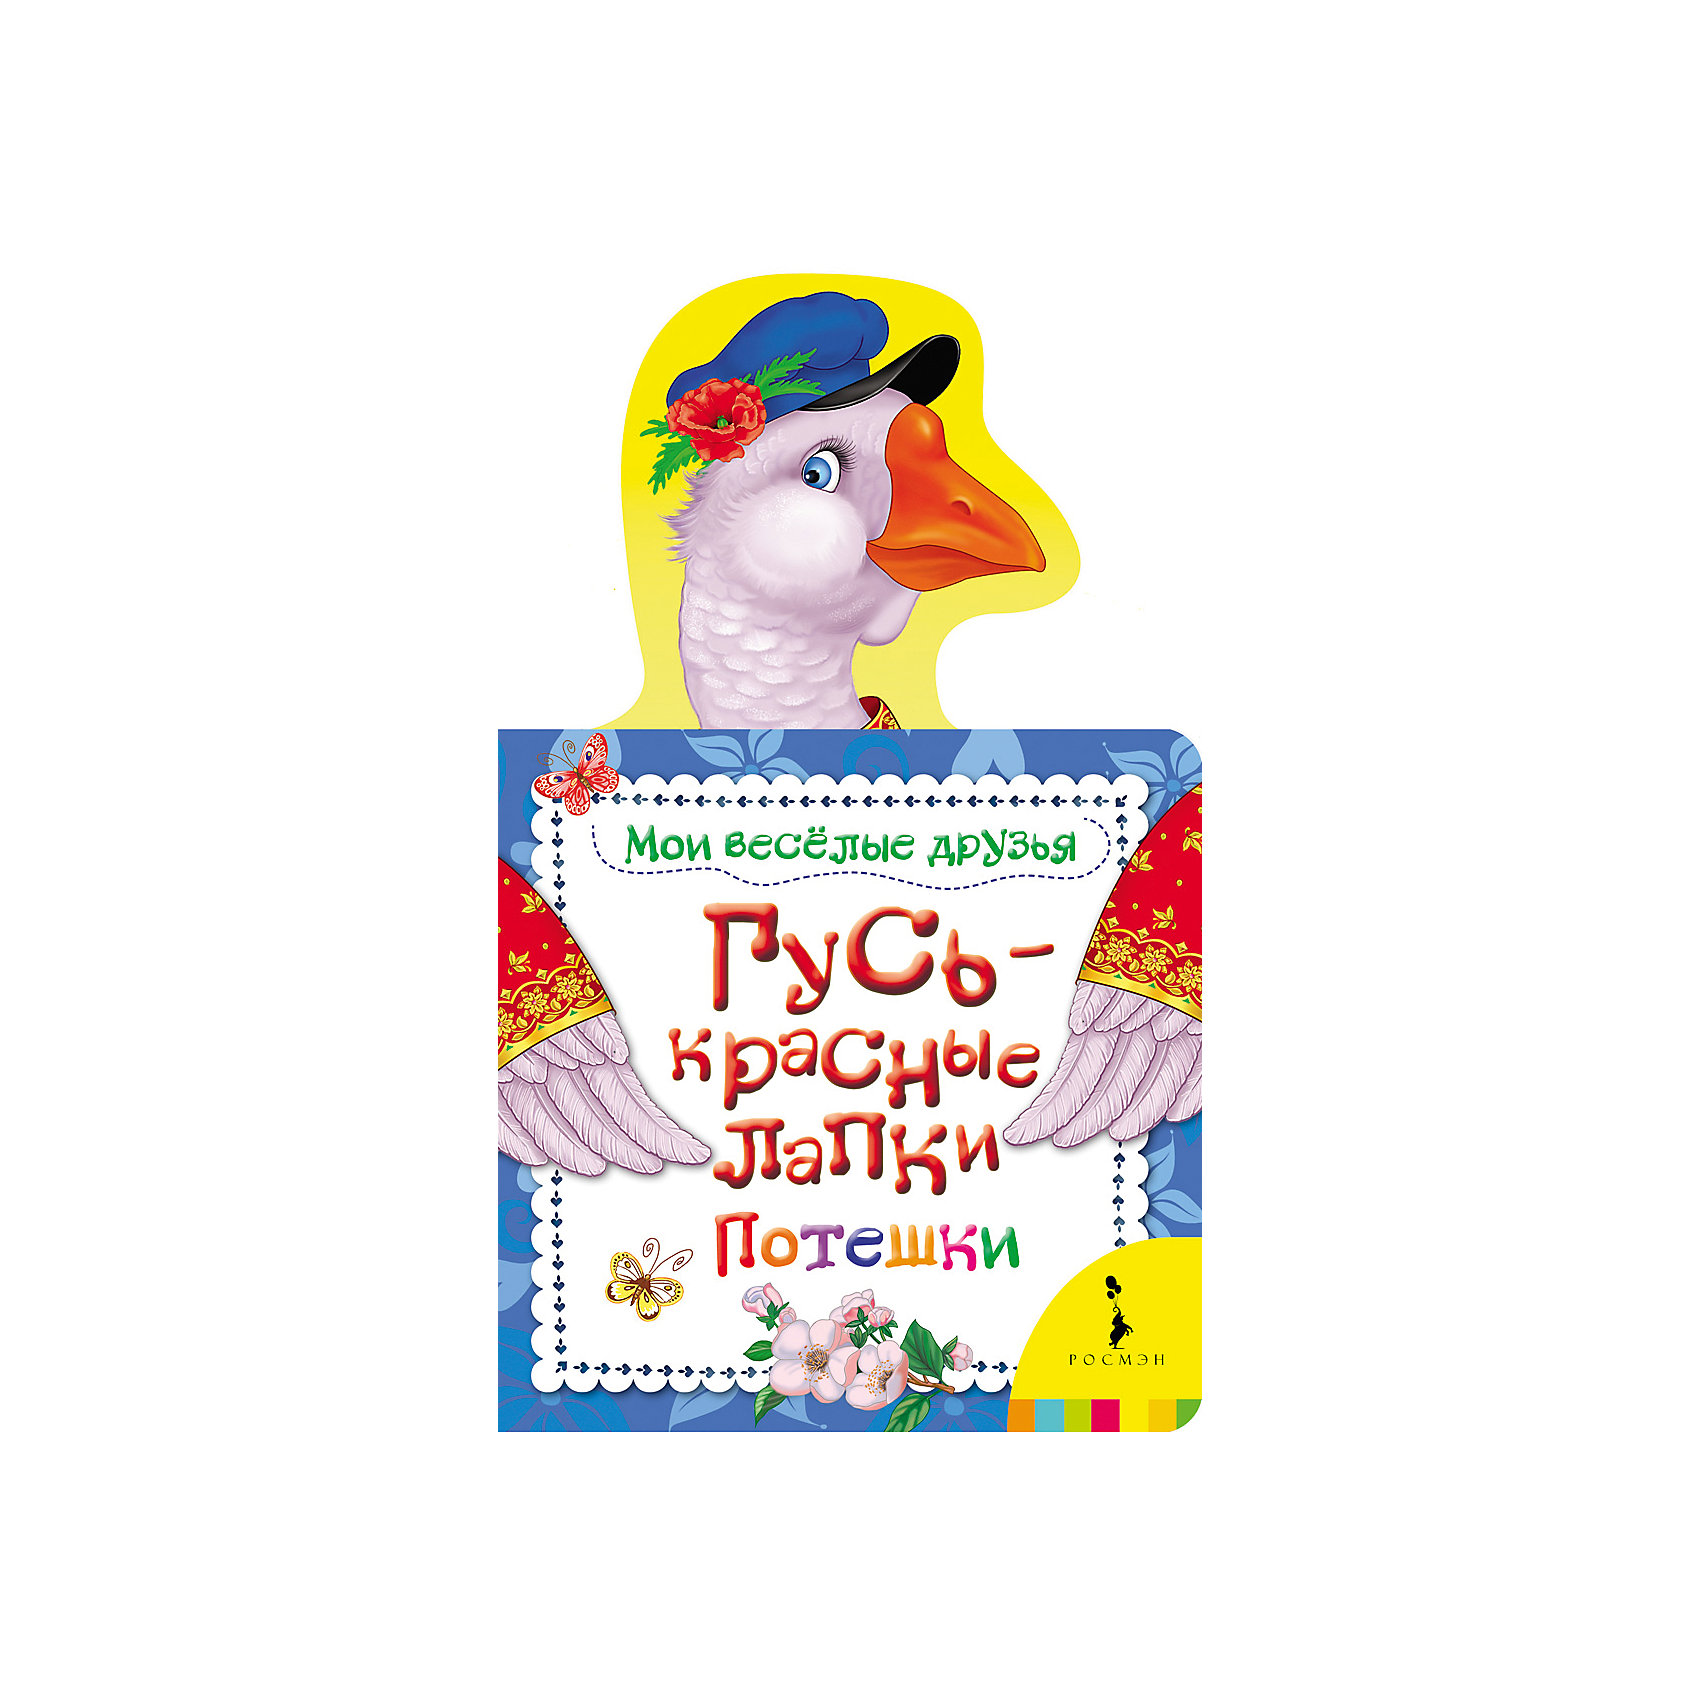 Гусь - красные лапки, Мои веселые друзьяПервые книги малыша<br>Характеристики товара:<br><br>- цвет: разноцветный;<br>- материал: картон;<br>- страниц: 12;<br>- формат: 21 х 13 см;<br>- обложка: картон;<br>- с вырубкой. <br><br>Издания серии Мои веселые друзья - отличный способ занять ребенка! Эта красочная книга станет отличным подарком для родителей и малыша. Она содержит в себе известные песенки, потешки и стихи, которые так любят дети. Отличный способ привить малышу любовь к чтению! Удобный формат и плотные странички позволят брать книгу с собой в поездки.<br>Чтение и рассматривание картинок даже в юном возрасте помогает ребенку развивать память, концентрацию внимания и воображение. Издание произведено из качественных материалов, которые безопасны даже для самых маленьких.<br><br>Издание Гусь - красные лапки, Мои веселые друзья от компании Росмэн можно купить в нашем интернет-магазине.<br><br>Ширина мм: 210<br>Глубина мм: 125<br>Высота мм: 7<br>Вес г: 96<br>Возраст от месяцев: 0<br>Возраст до месяцев: 36<br>Пол: Унисекс<br>Возраст: Детский<br>SKU: 5110266